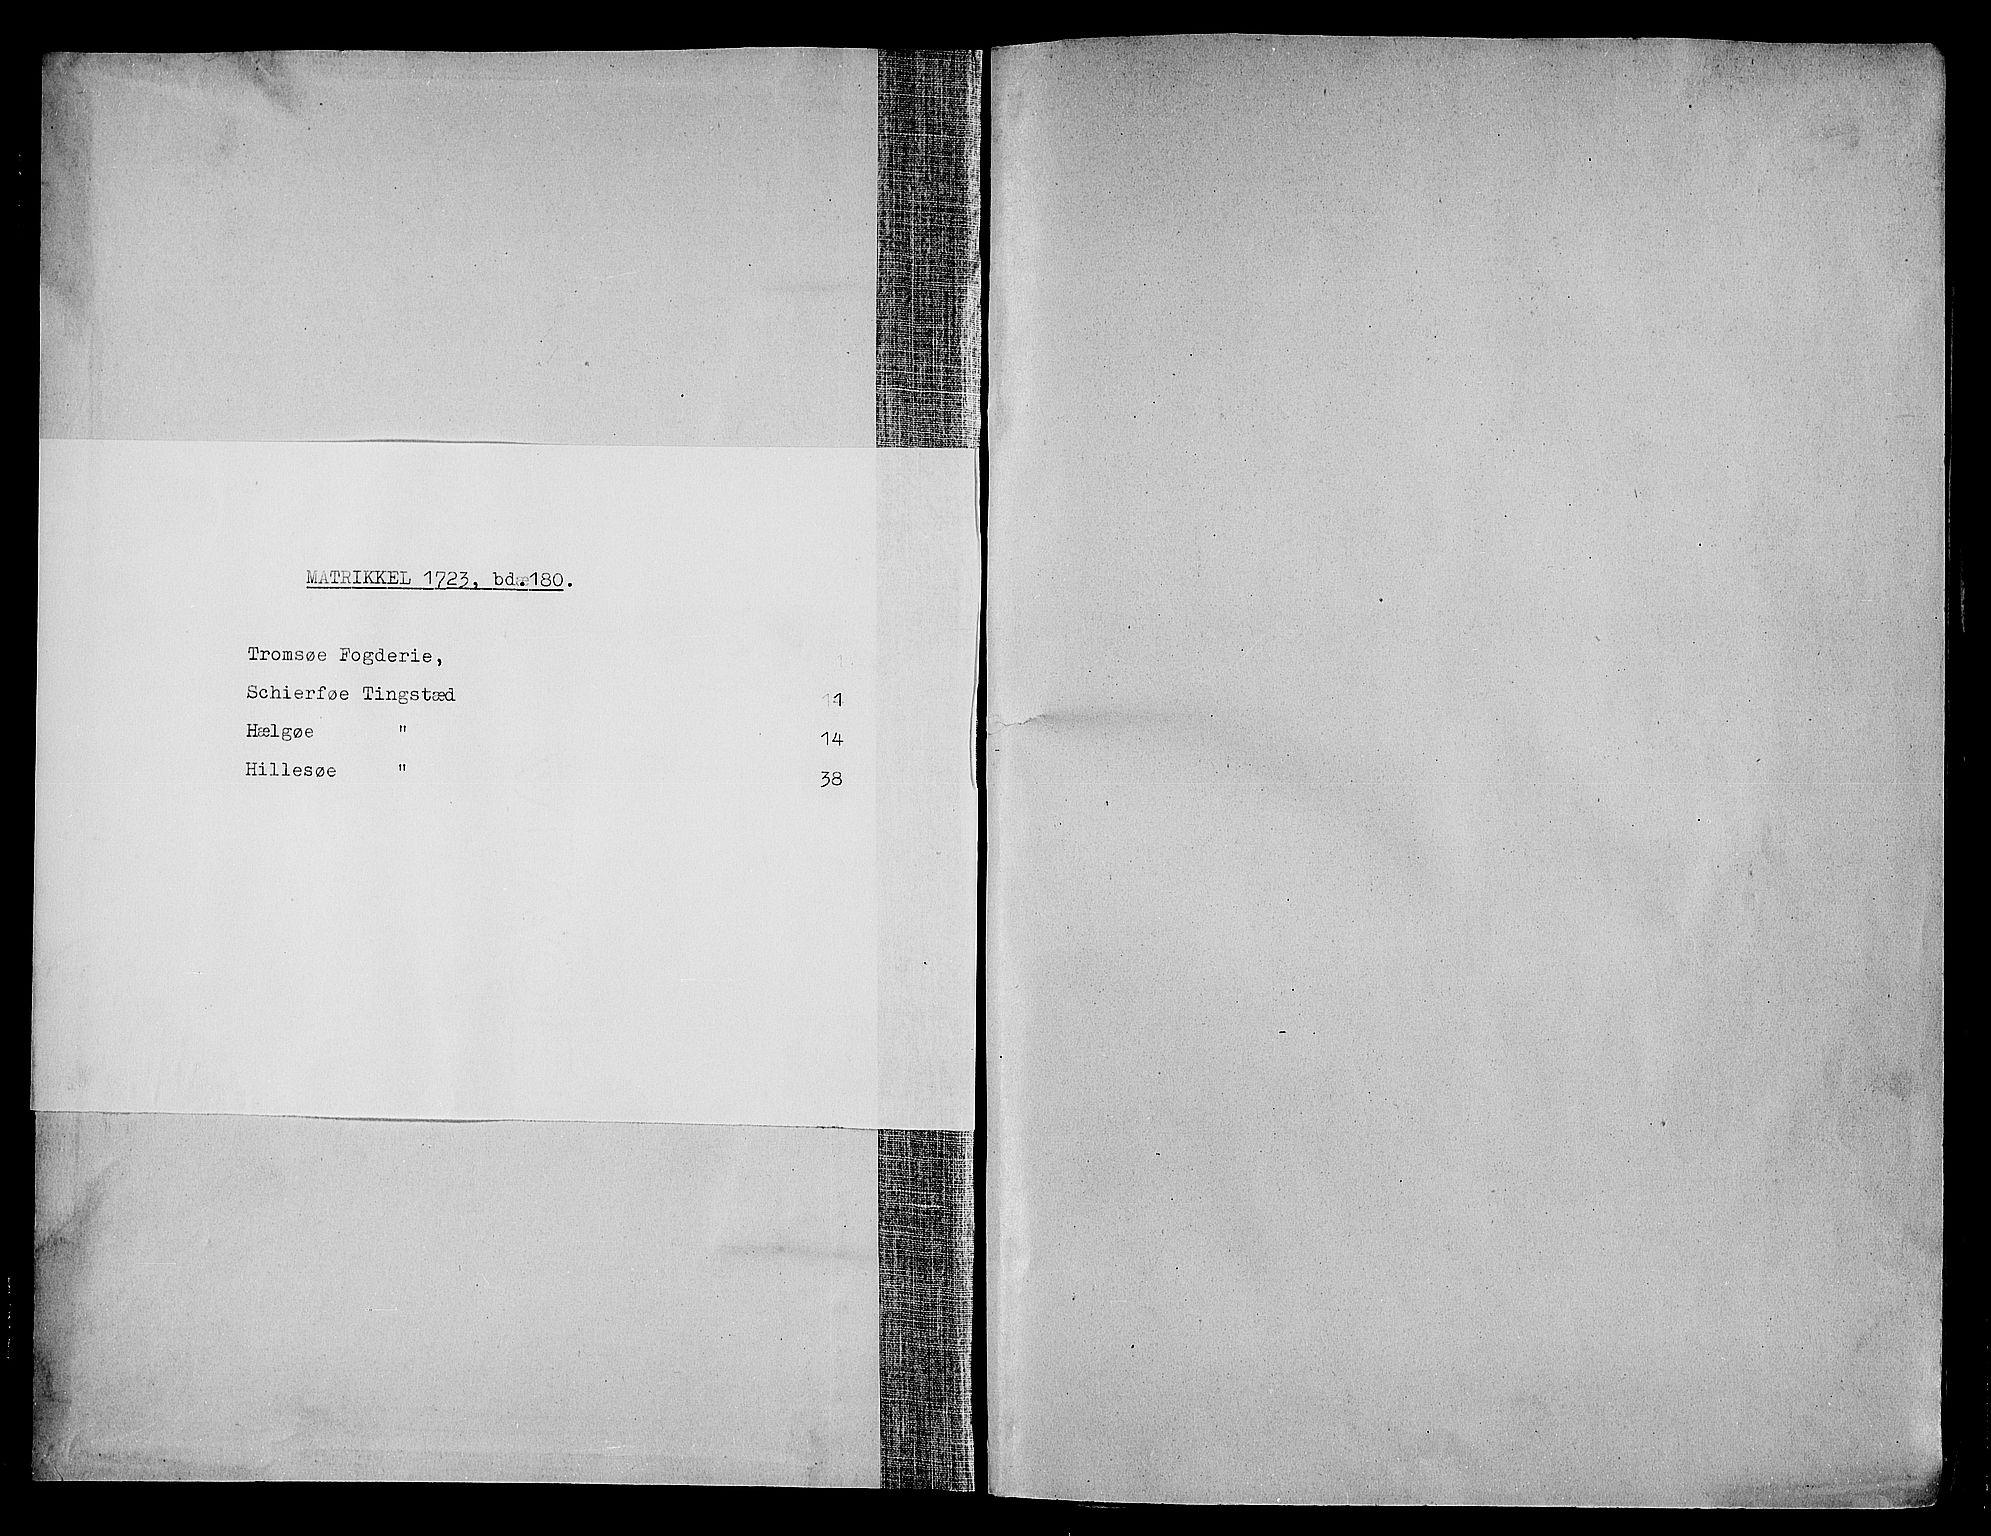 RA, Rentekammeret inntil 1814, Realistisk ordnet avdeling, N/Nb/Nbf/L0180: Troms eksaminasjonsprotokoll, 1723, s. upaginert